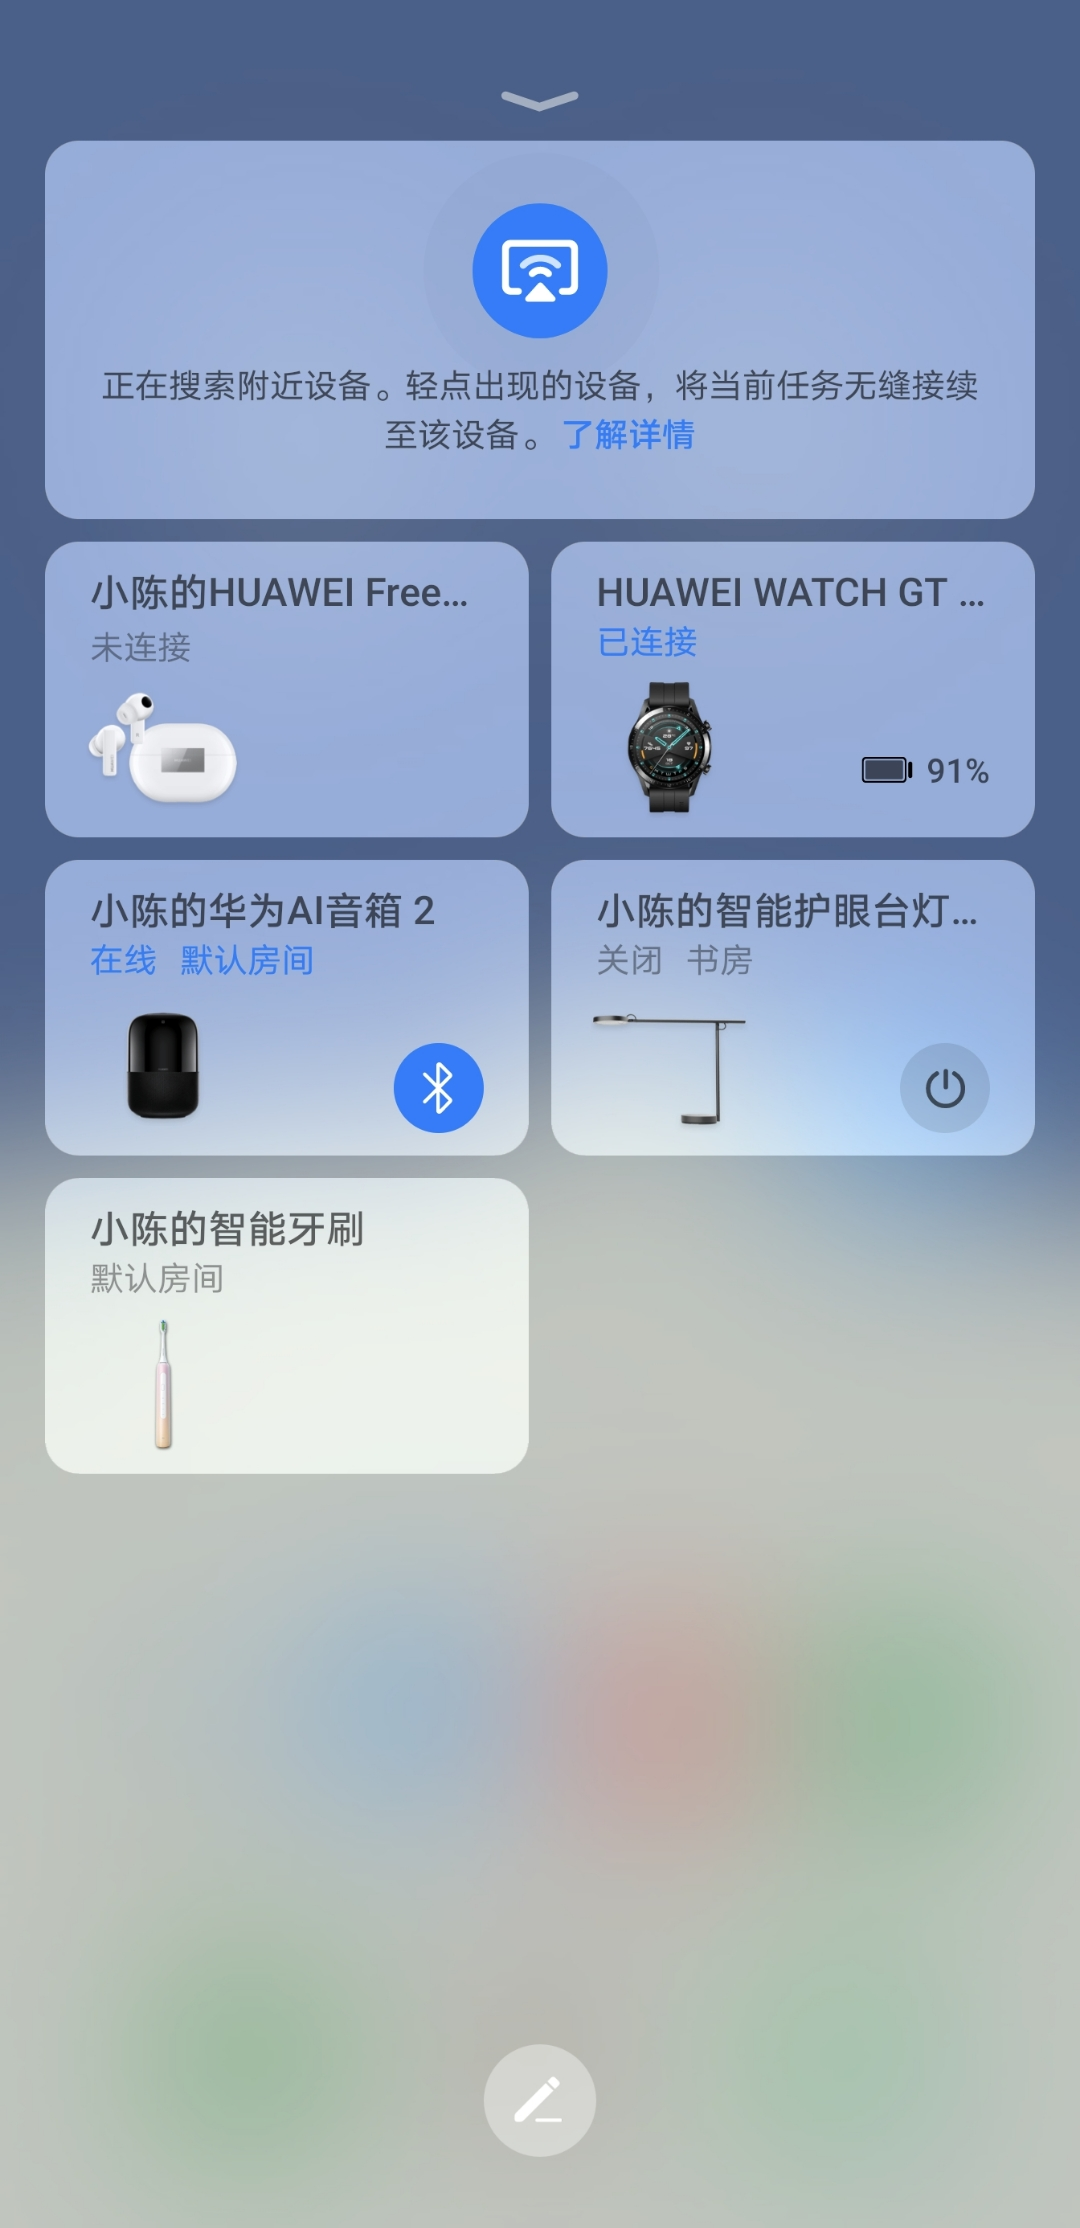 Screenshot_20201122_081621_com.huawei.android.launcher.jpg